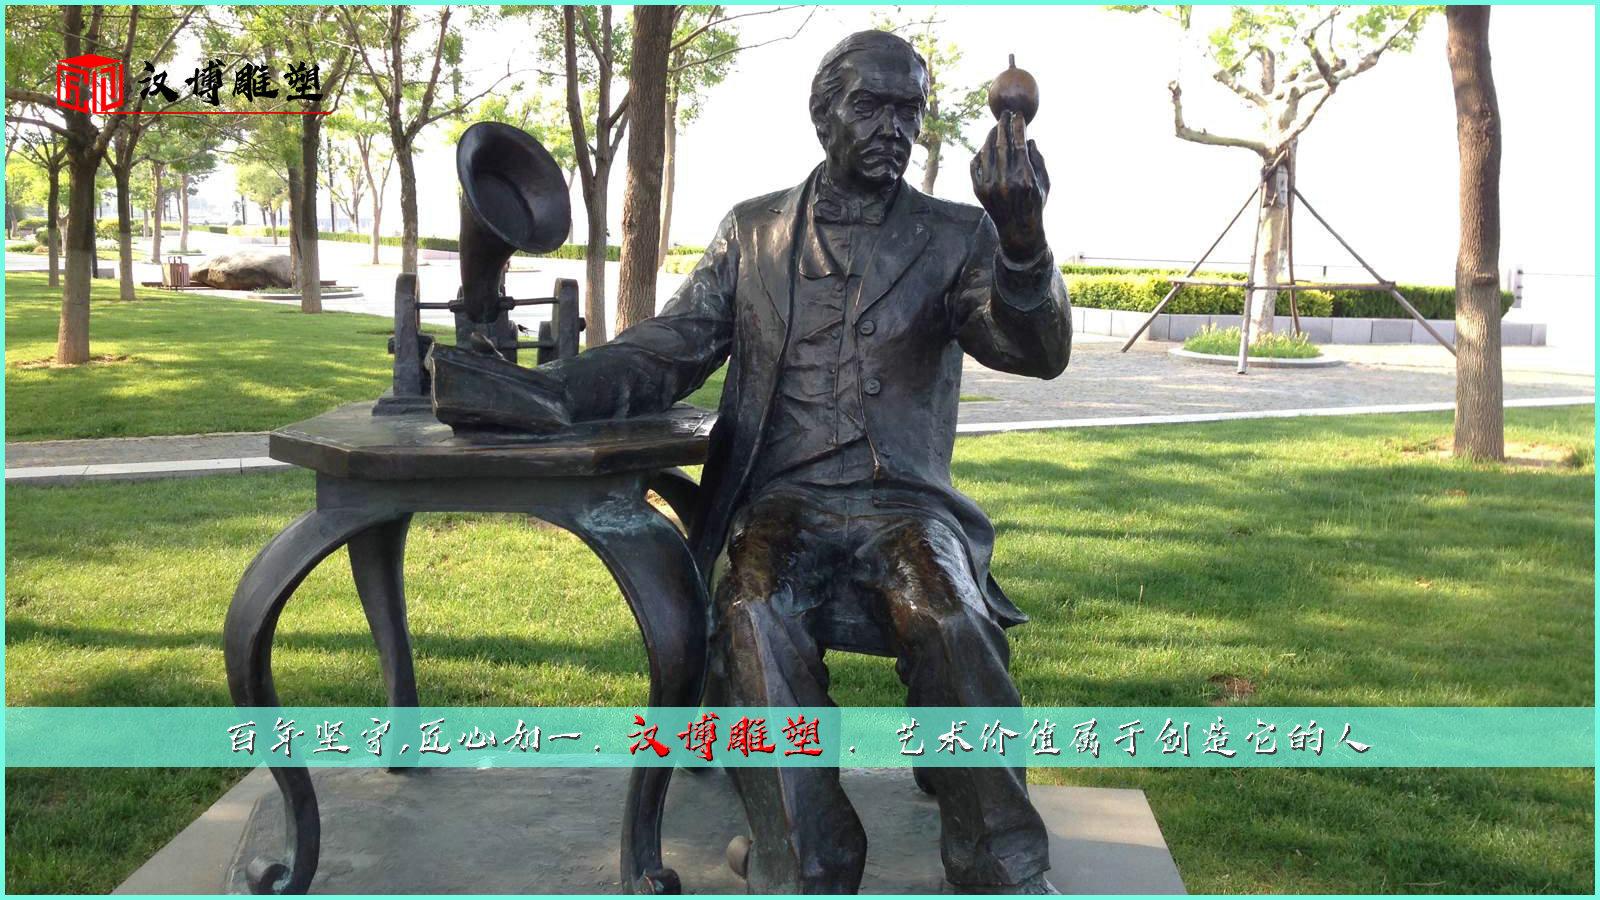 大型人物爱迪生雕塑;让我们走进一个充满光明的世界